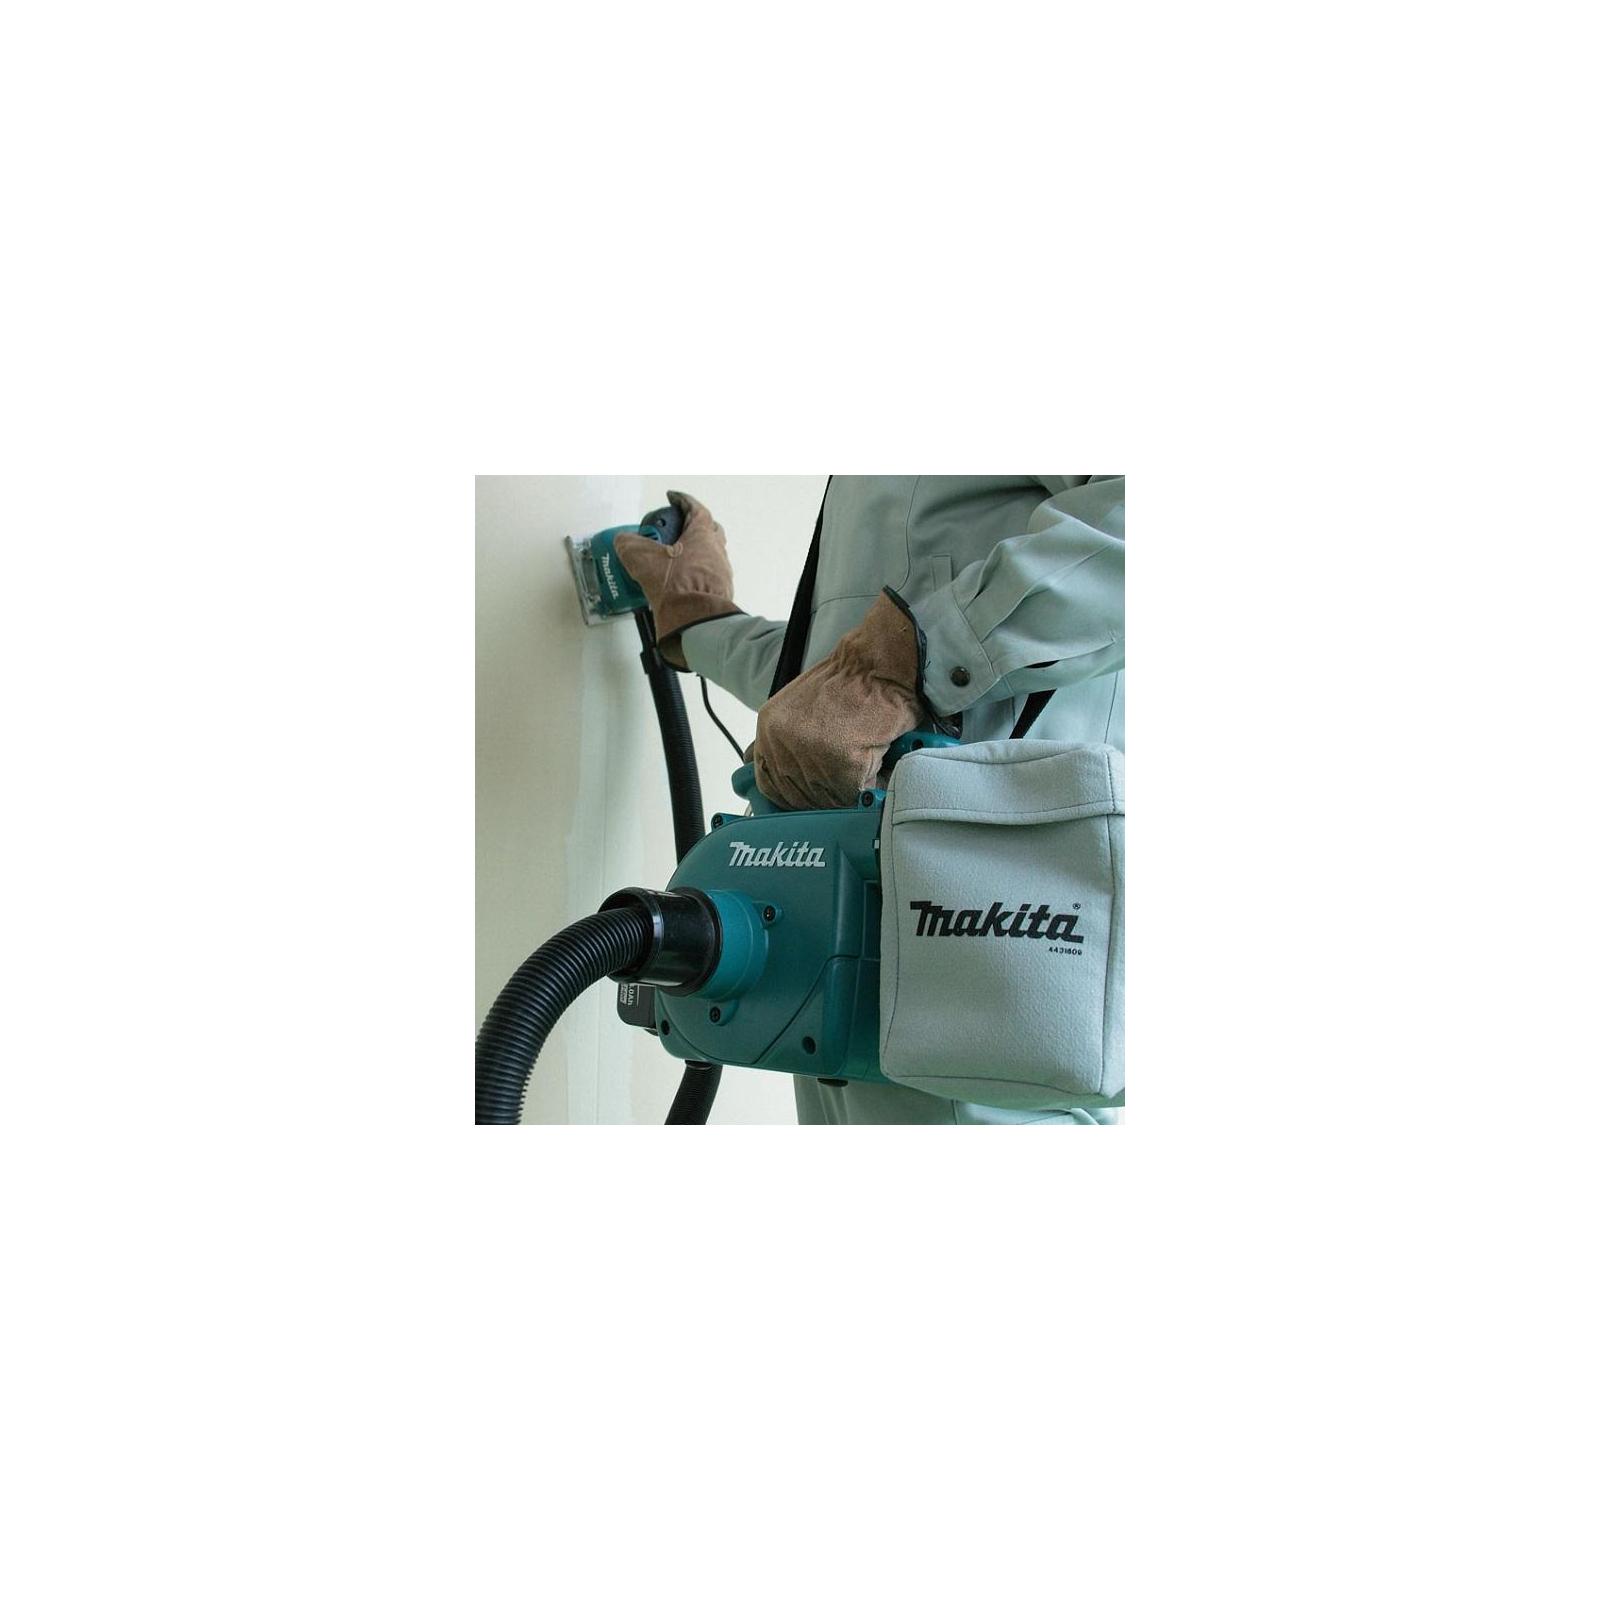 Пылесос строительный Makita аккумуляторный LXT, 18В, 54Вт, 3л (DVC350Z) изображение 3